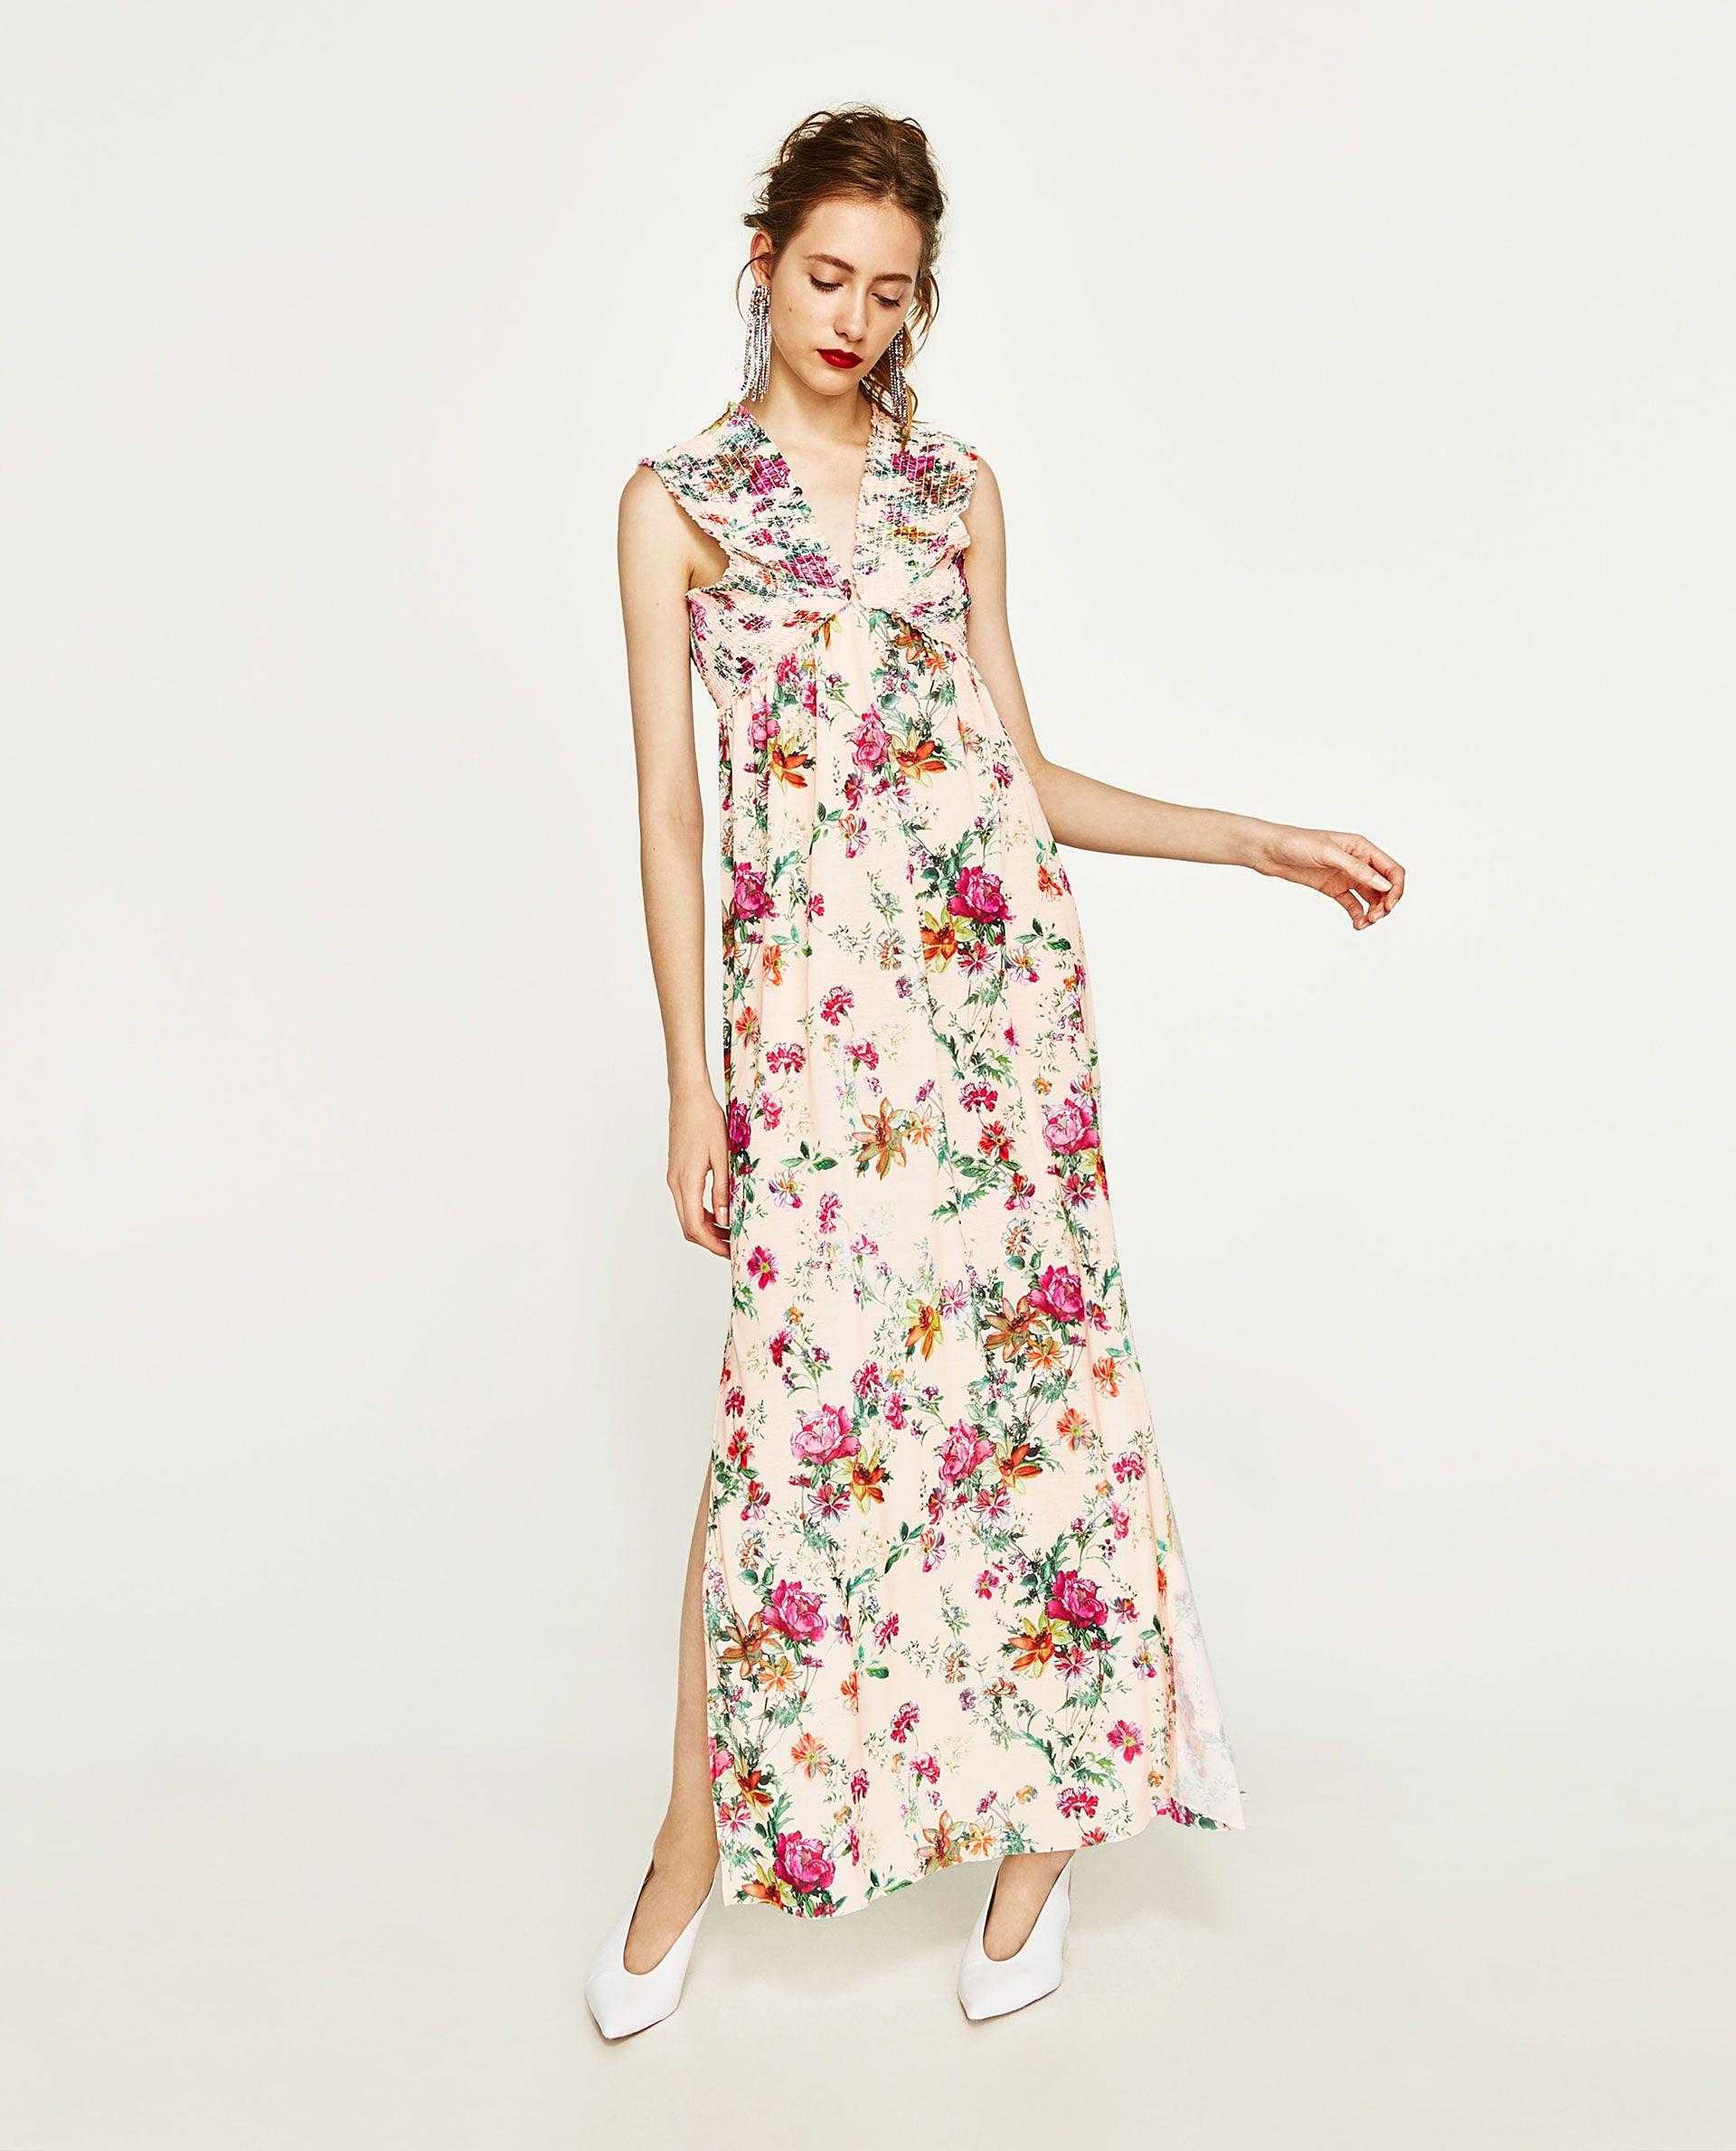 ZARA - WOMAN - LONG FLORAL PRINT DRESS  Kleider, Schöne kleider